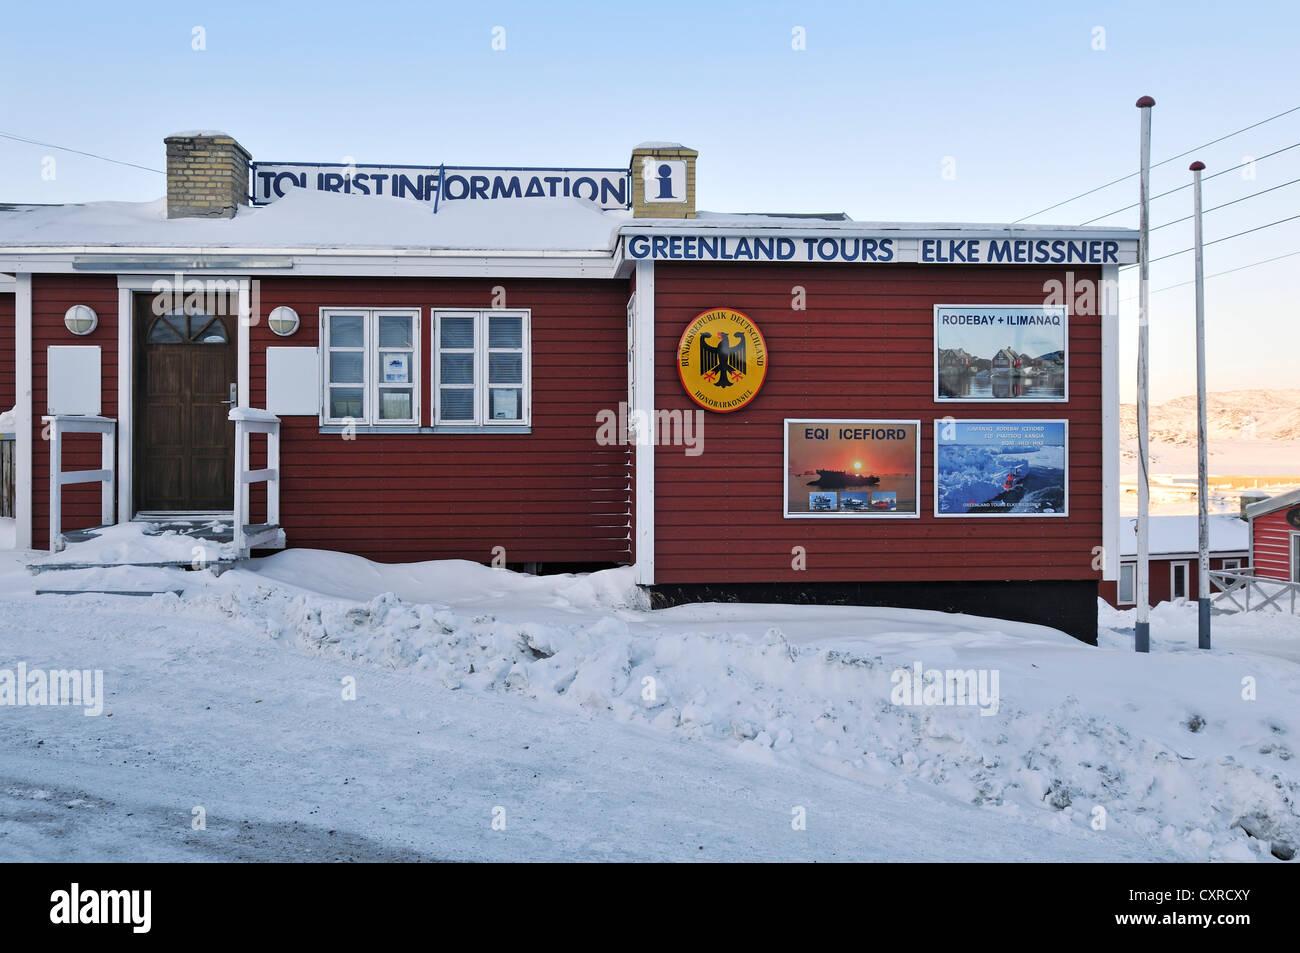 L'agence de voyage de Elke Meissner et consulat honoraire, Ilulissat, Groenland, l'Arctique nord-américain Photo Stock